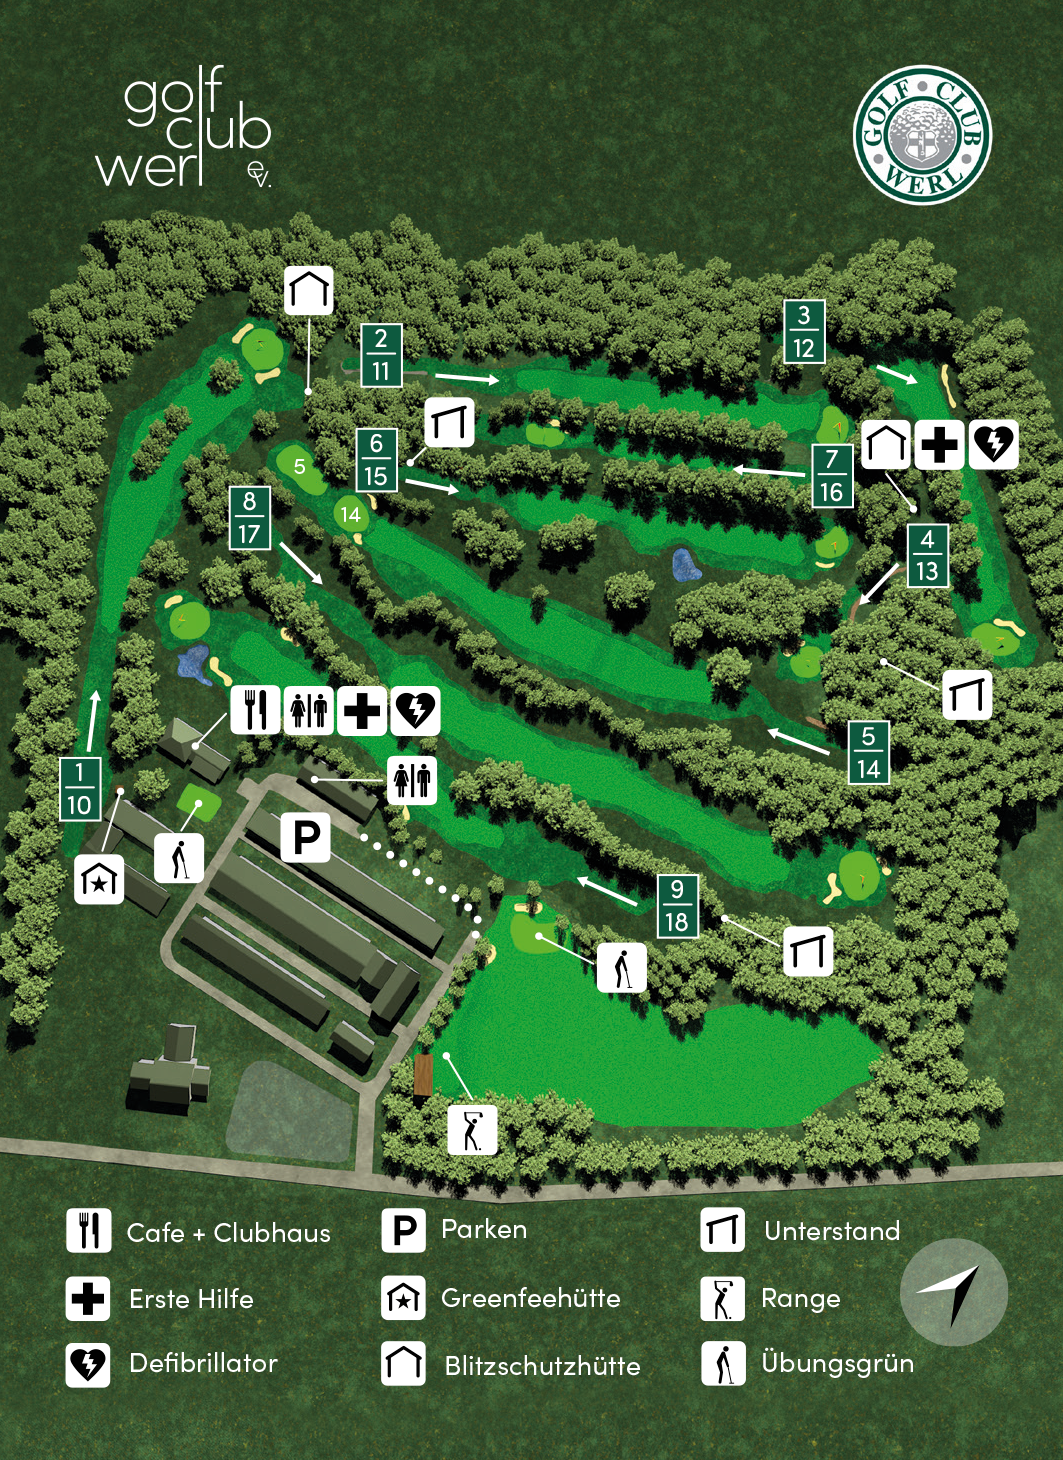 Plakat mit dreidimensionaler Gesamtansicht des Golfplatzes zwischen Werl und Wickede